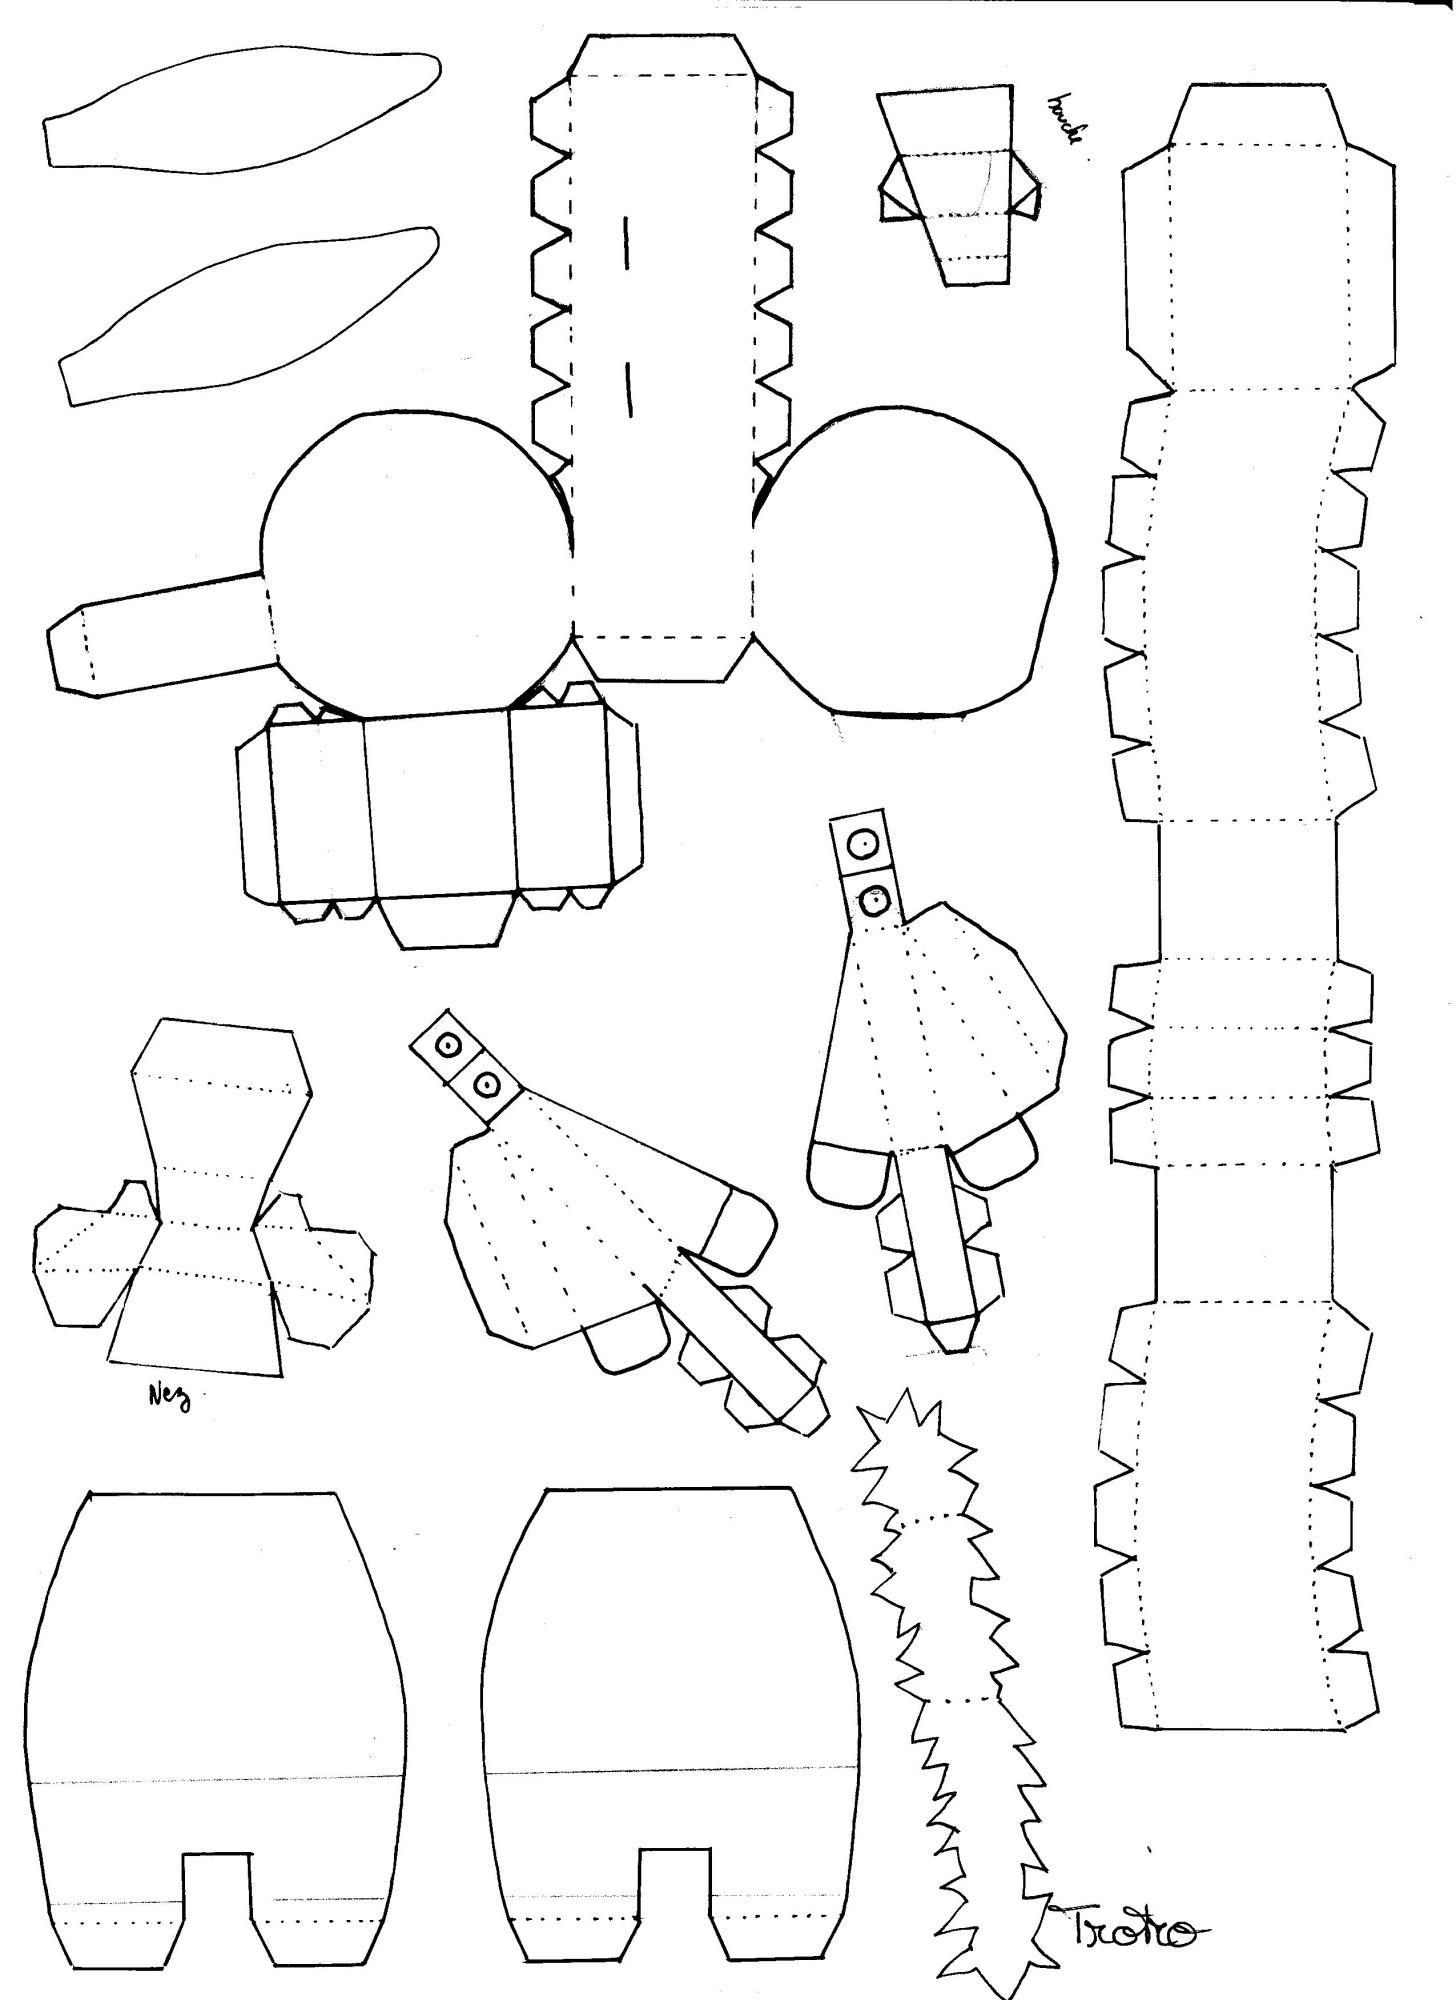 Modèle D'alphabet Papier 3D Inférieur » Beachkore.ml intérieur Modèle D Alphabet